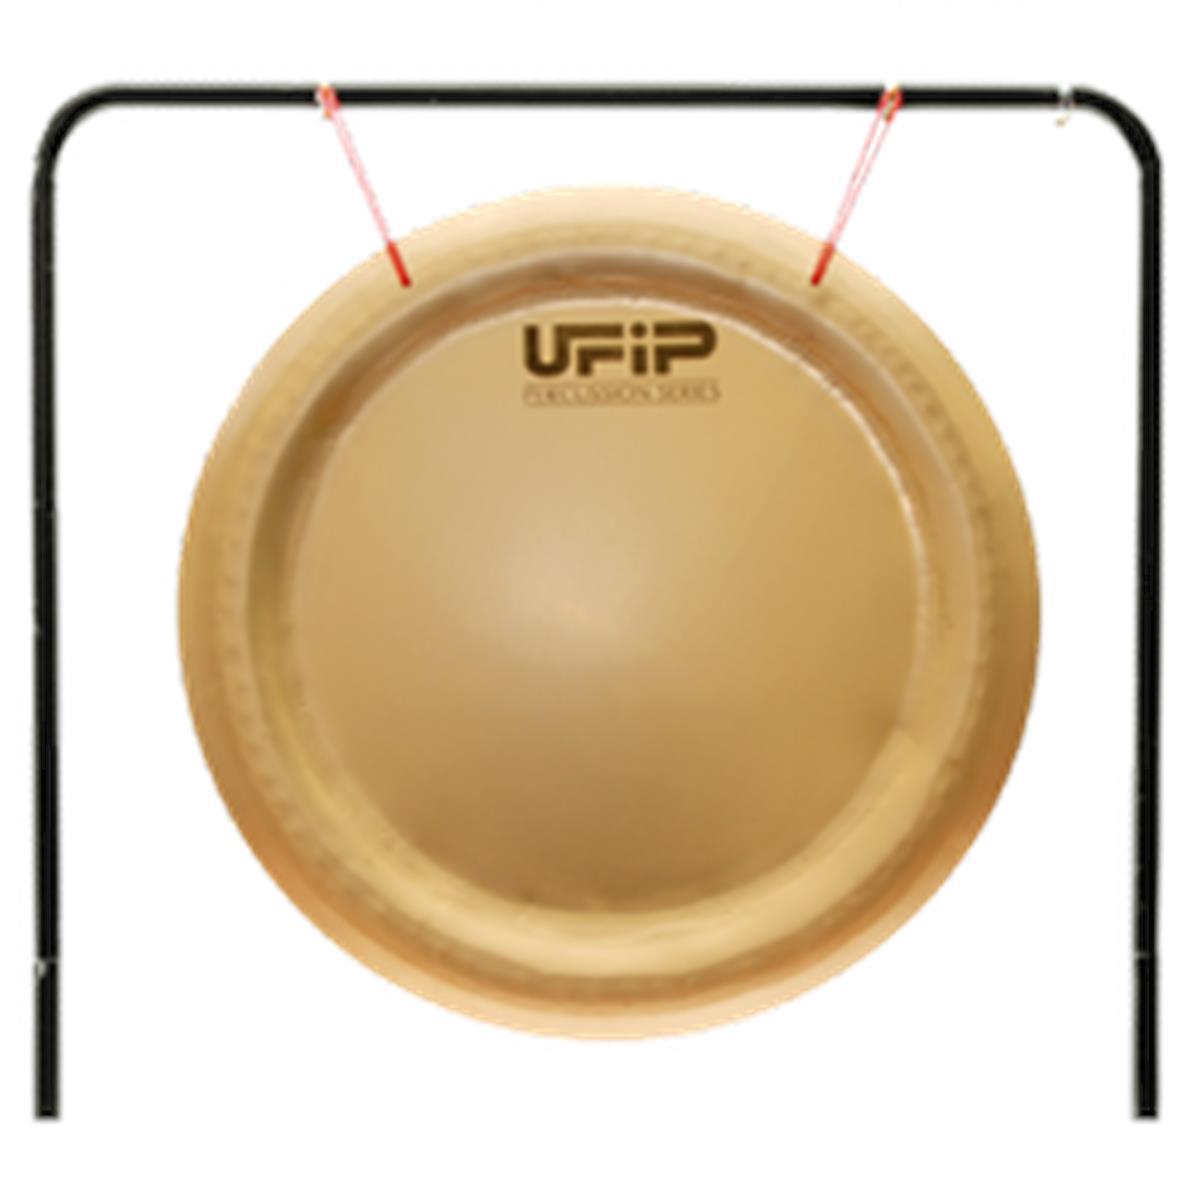 UFIP G-40